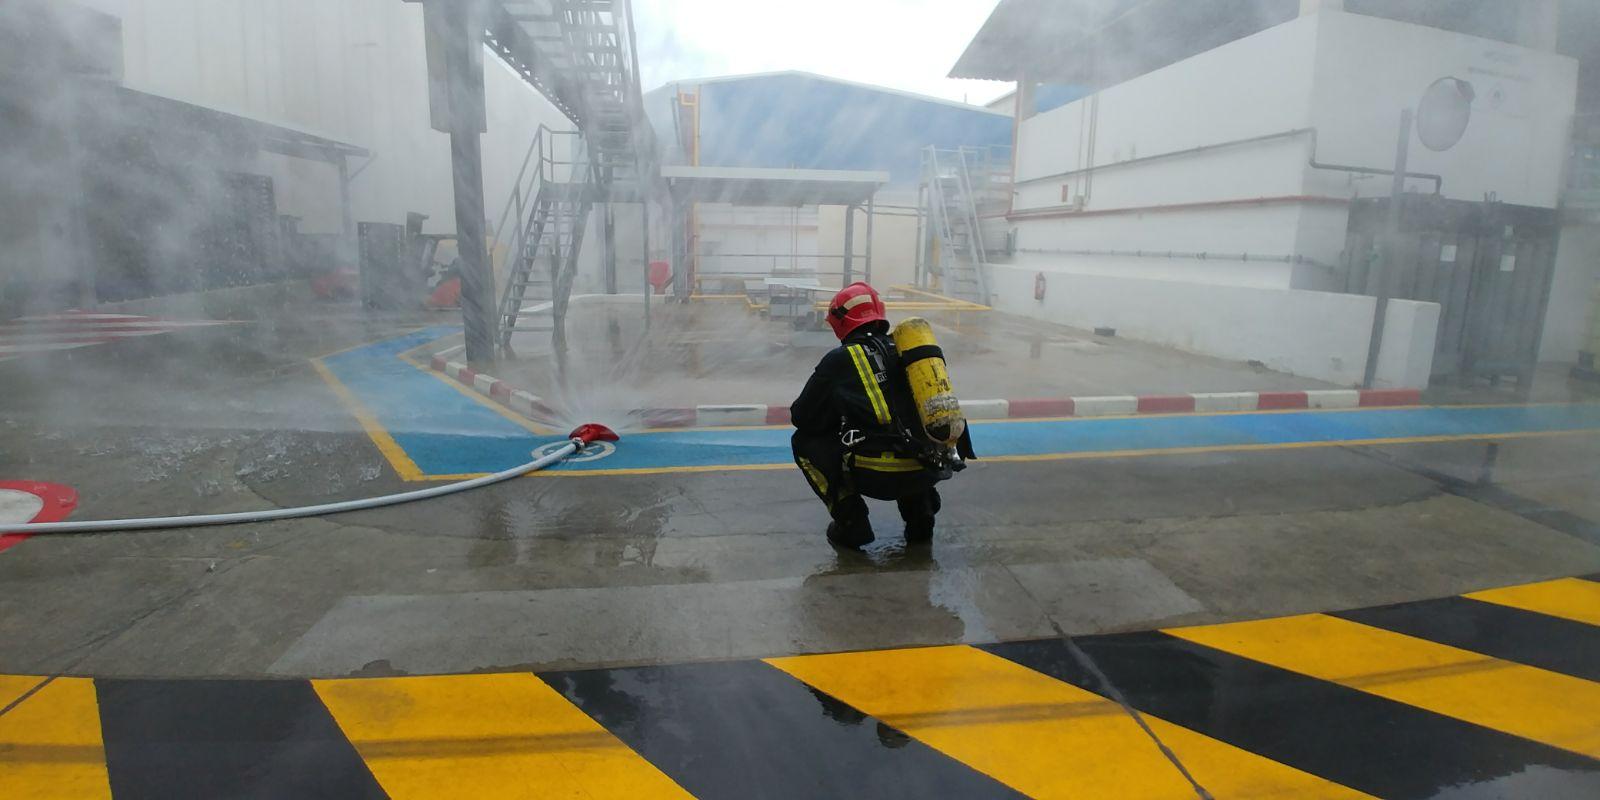 Los bomberos actúan en una empresa química de Molina de Segura alertados por una fuga de gas